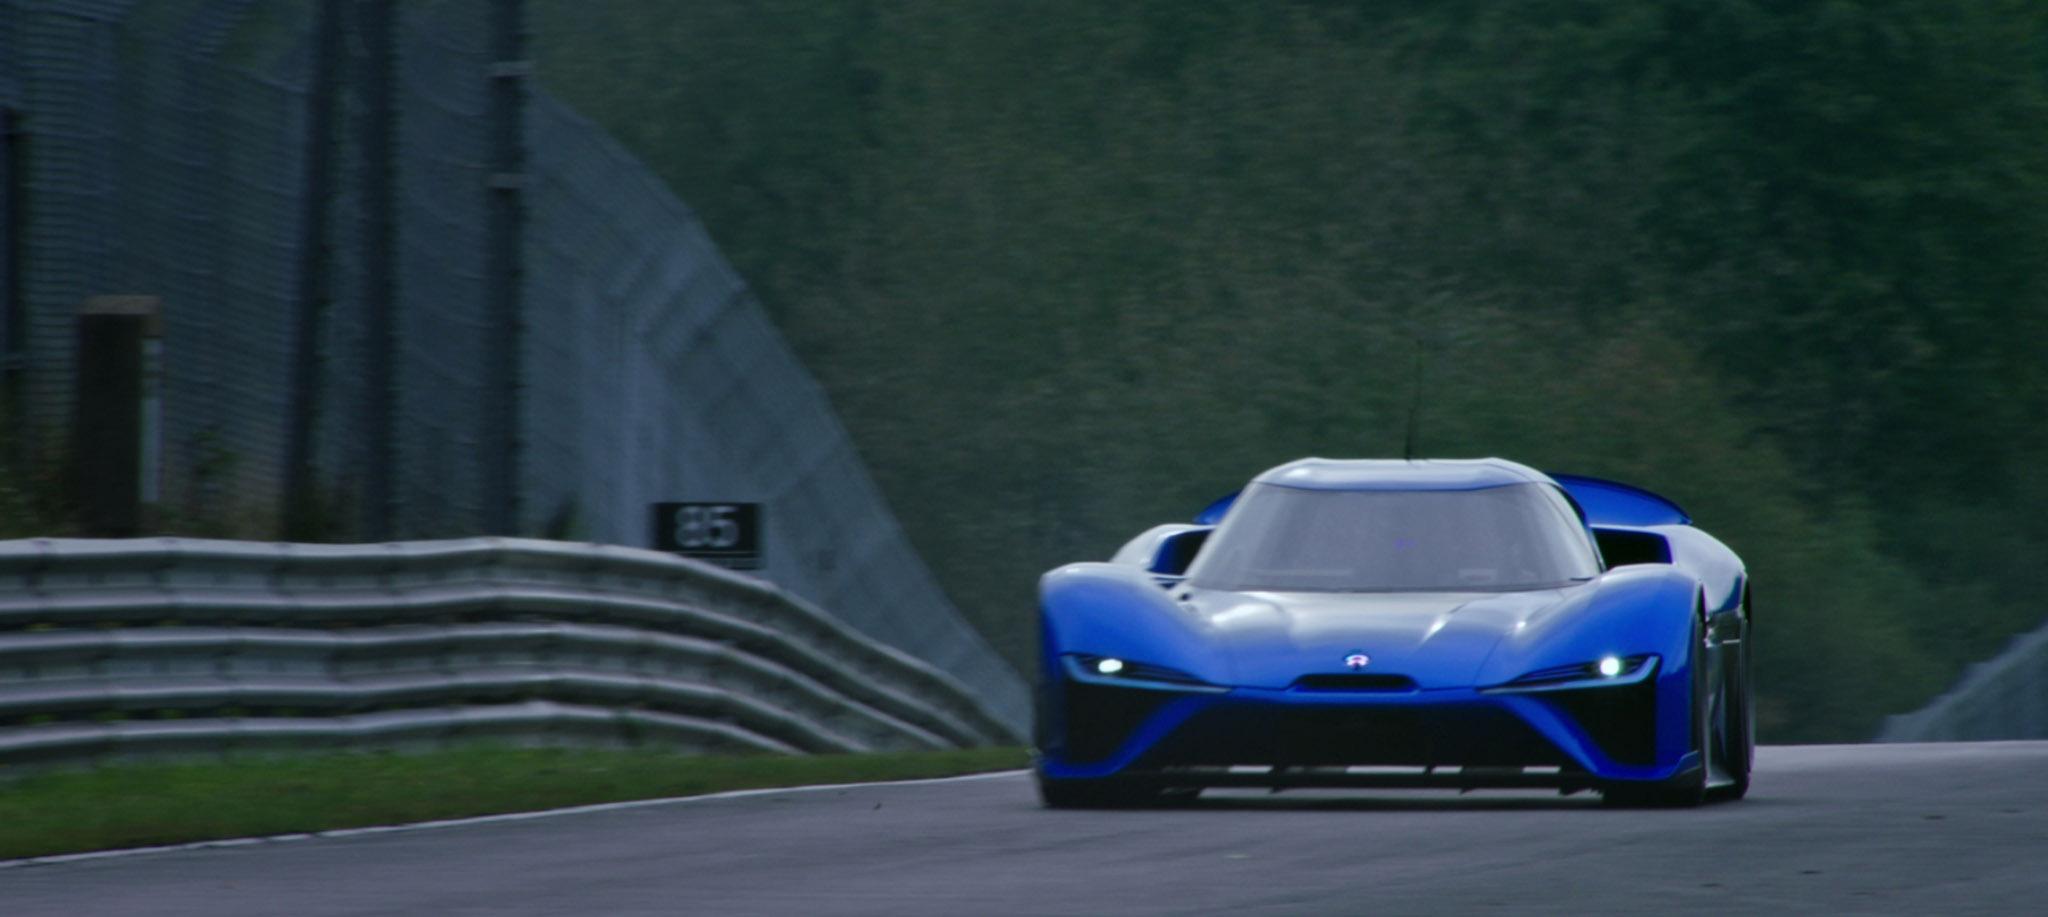 Электрический автомобиль NIO EP9 обладает полной мощностью в мегаватт, что эквивалентно 1,342 л.с., и максимальной скоростью 313 км/ч.